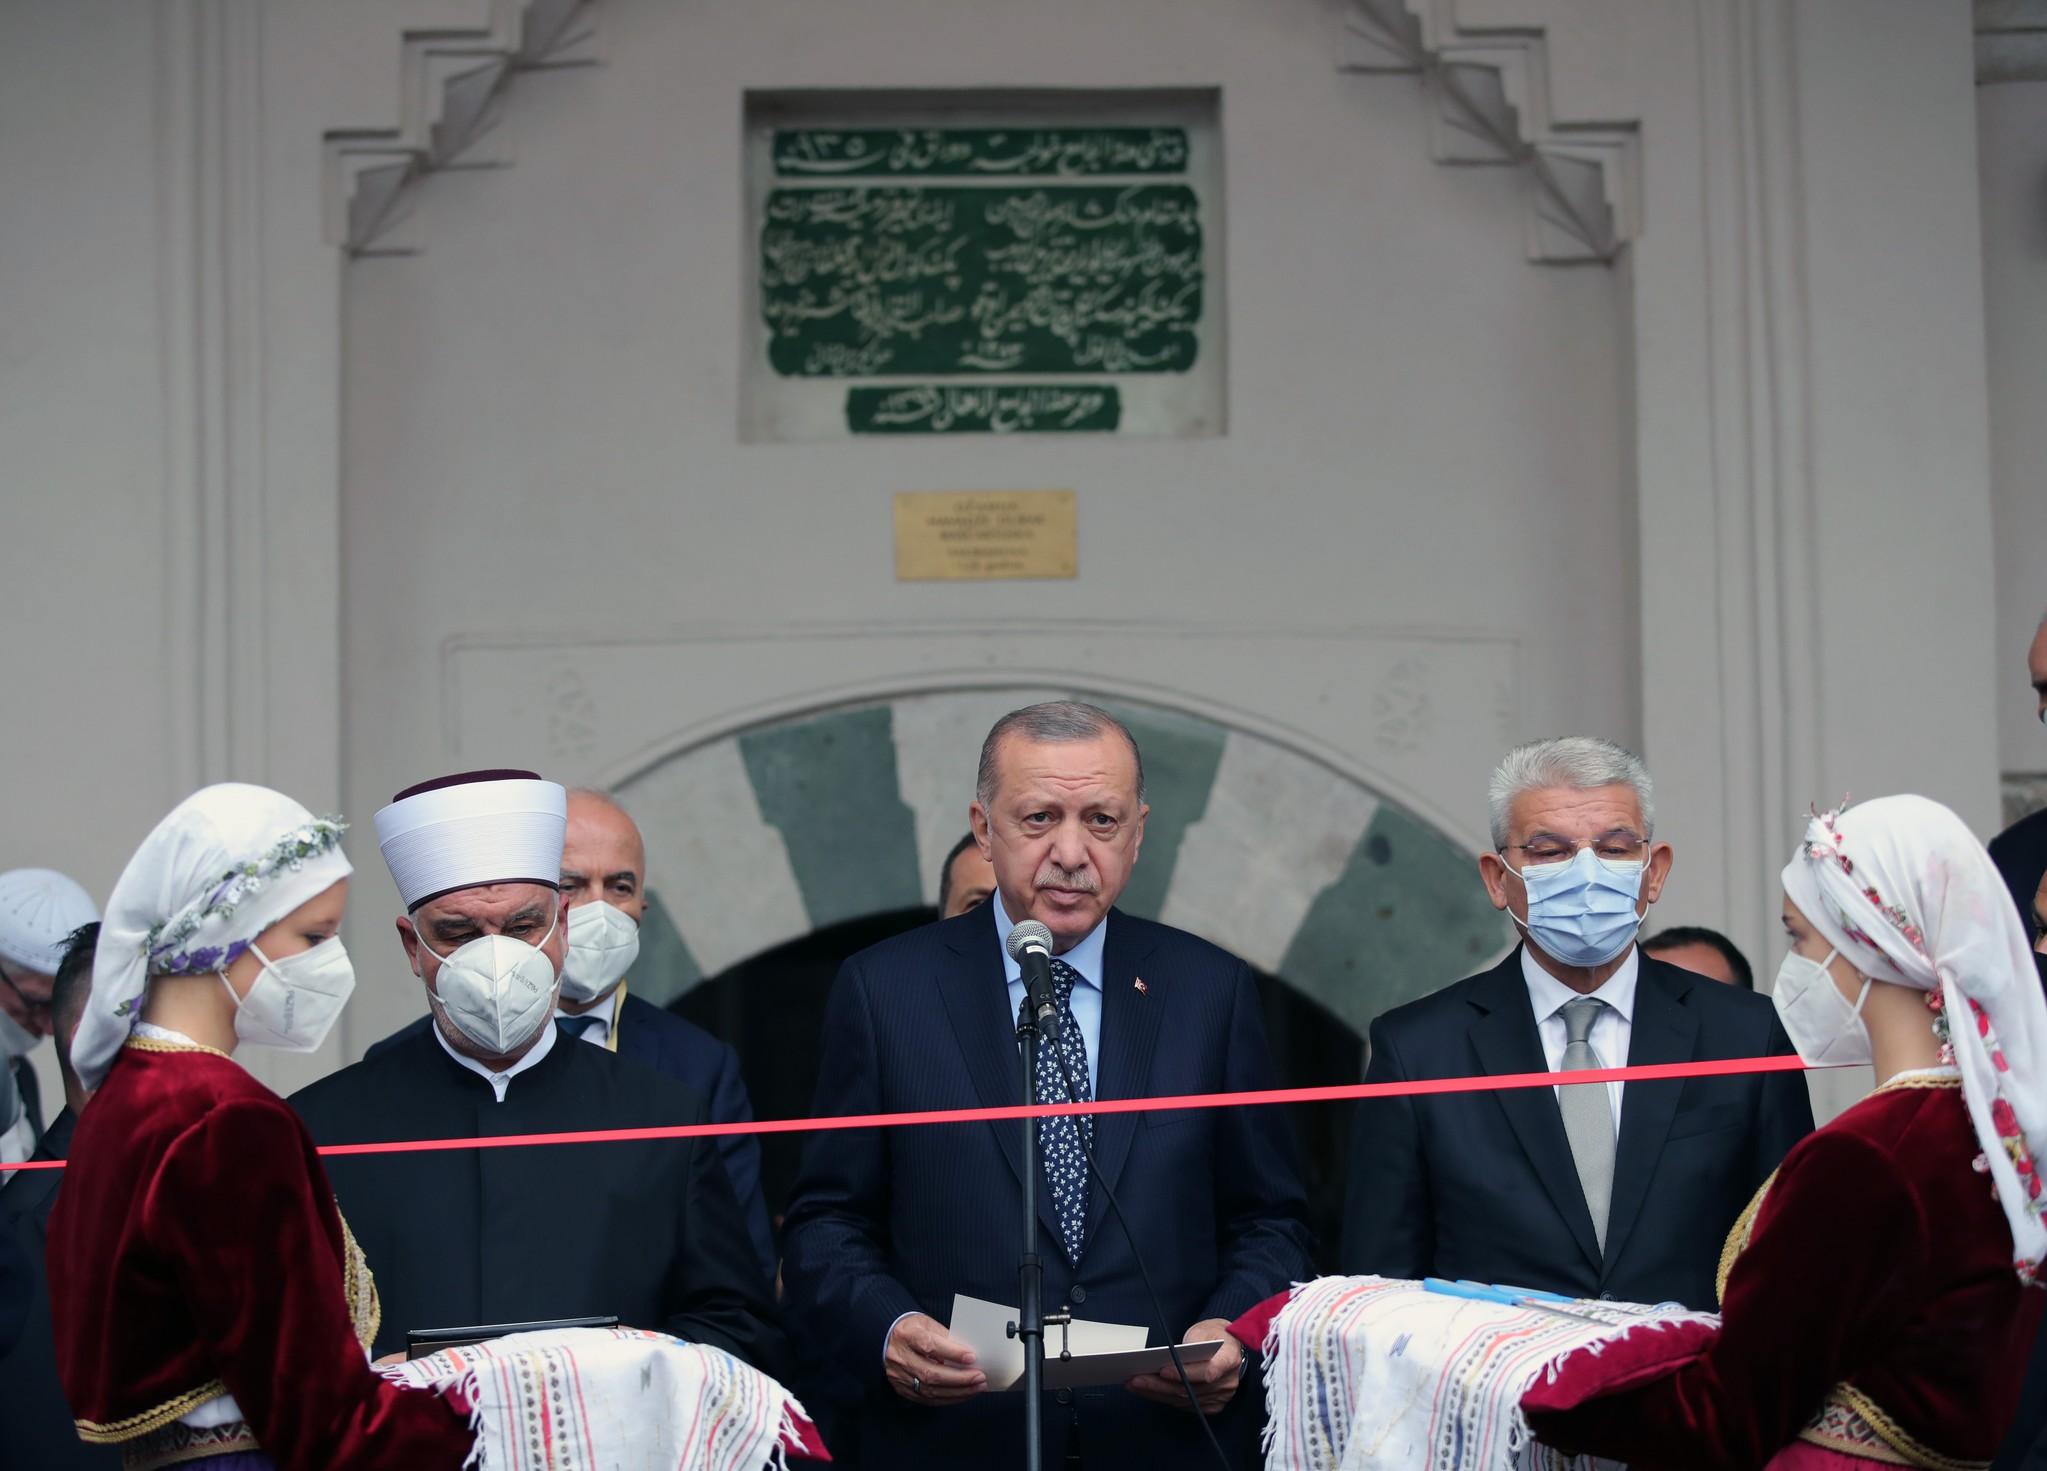 Son dakika: Başkan Erdoğan Bosna Hersekte: İzzetbegoviçin kabrini ziyaret etti! Başçarşı Camiinin açılışını yaptı